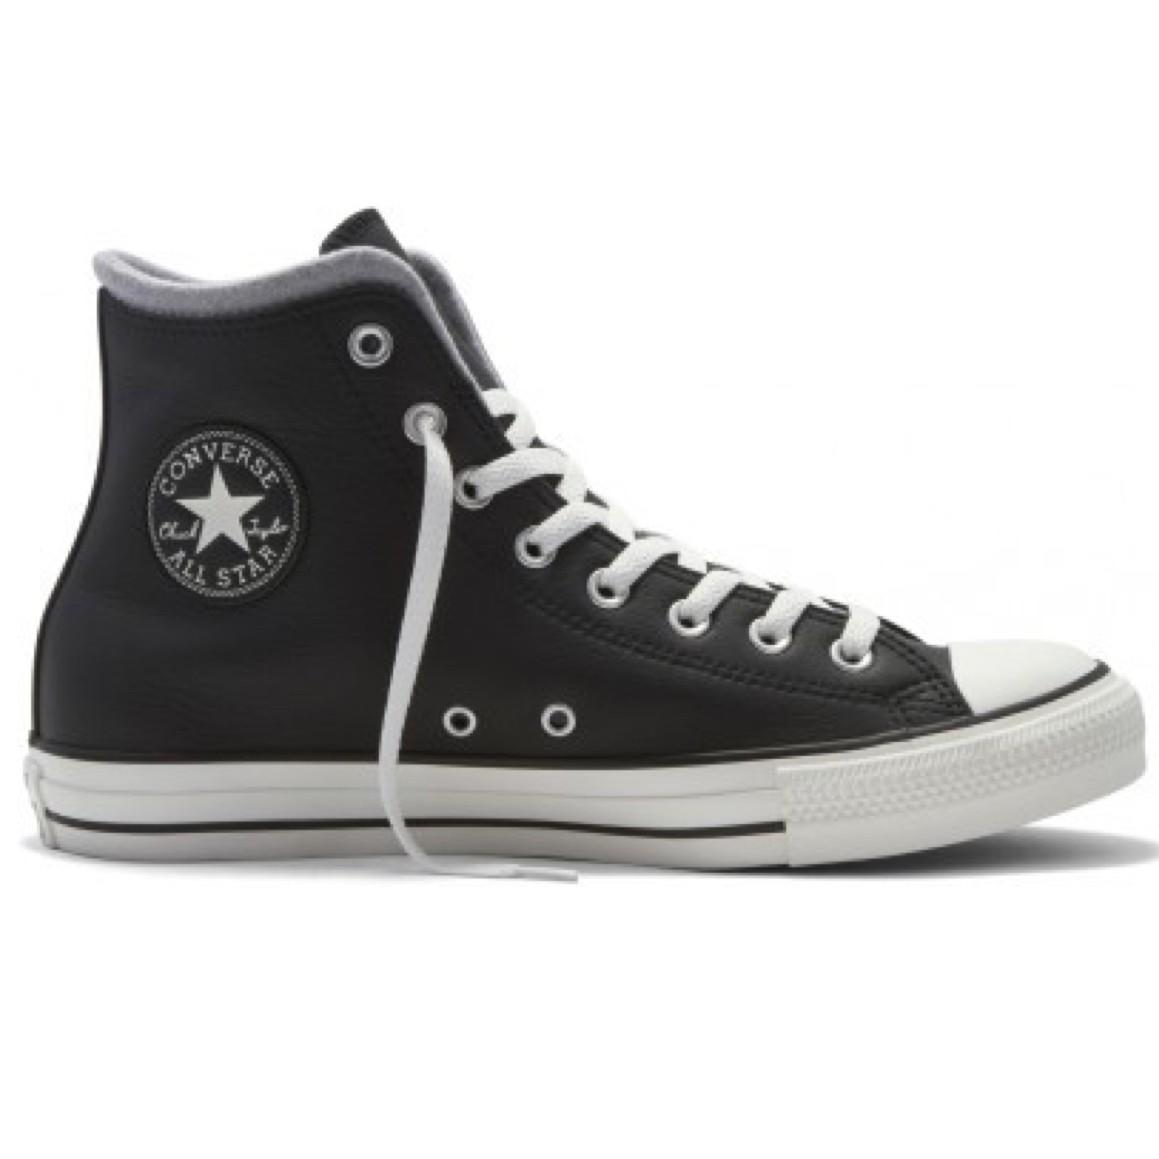 5618554ed50 Pánské boty Converse Chuck Taylor All Star